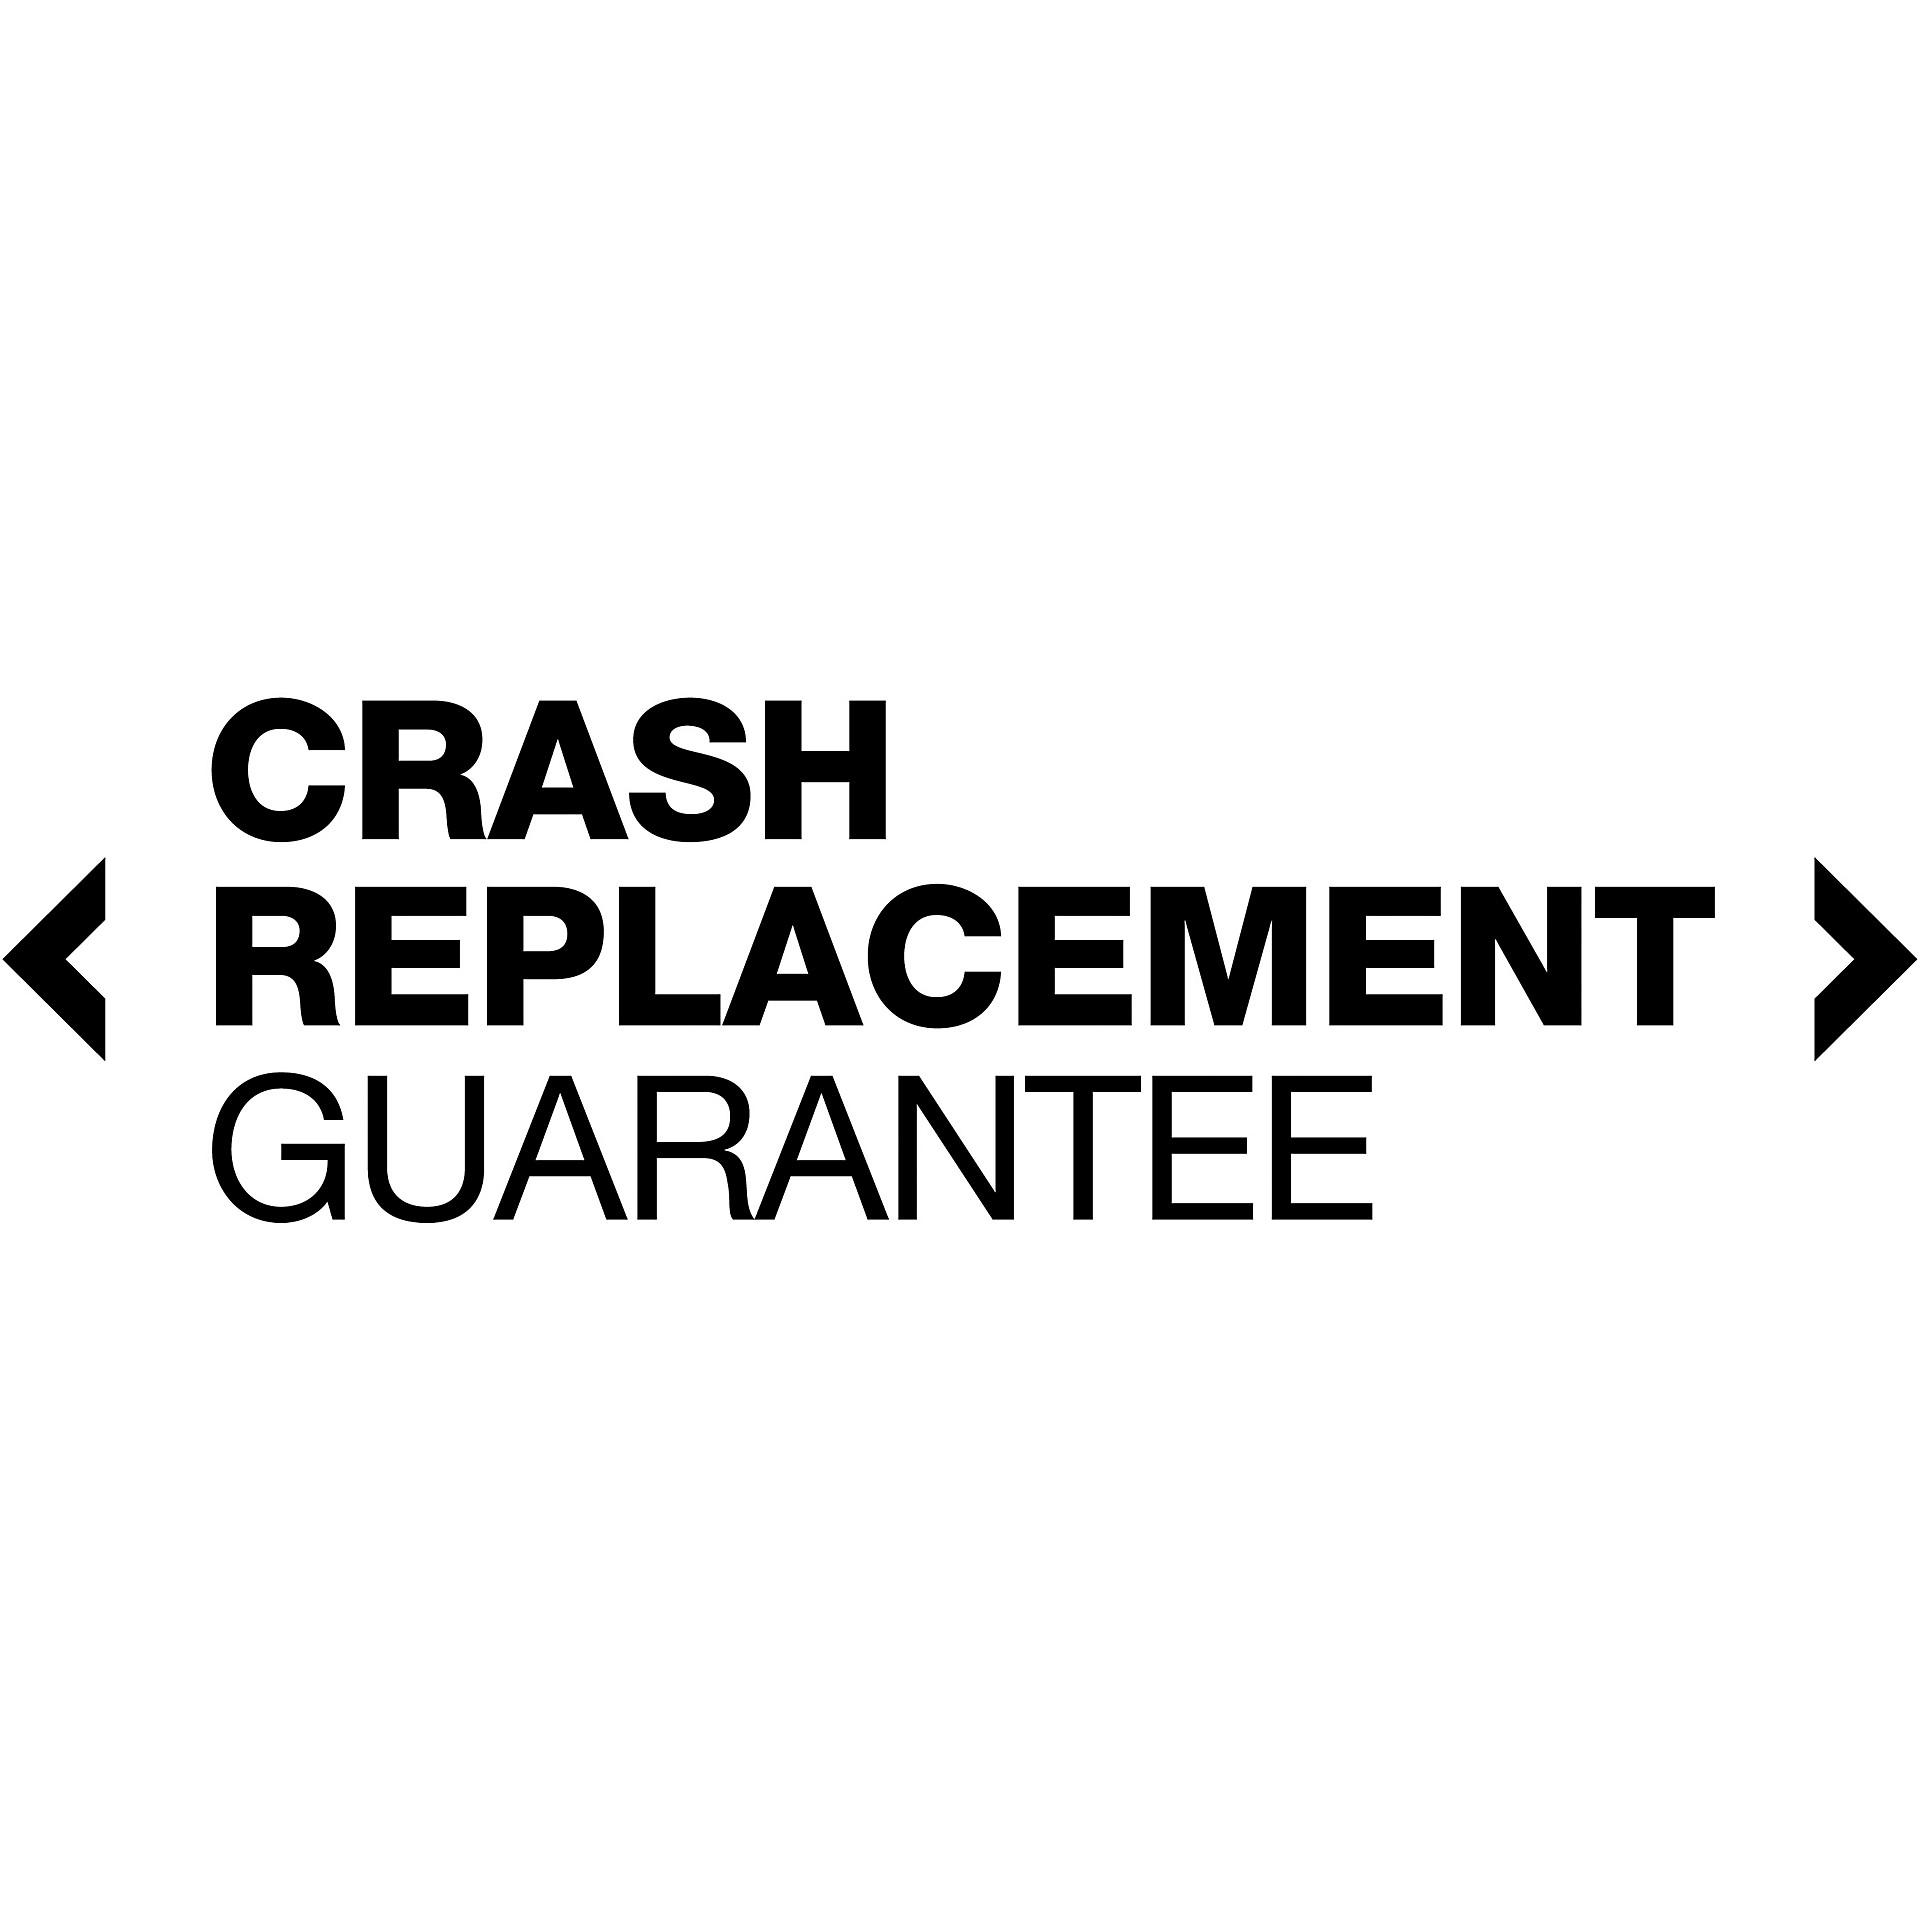 Crash Replacement Guarantee